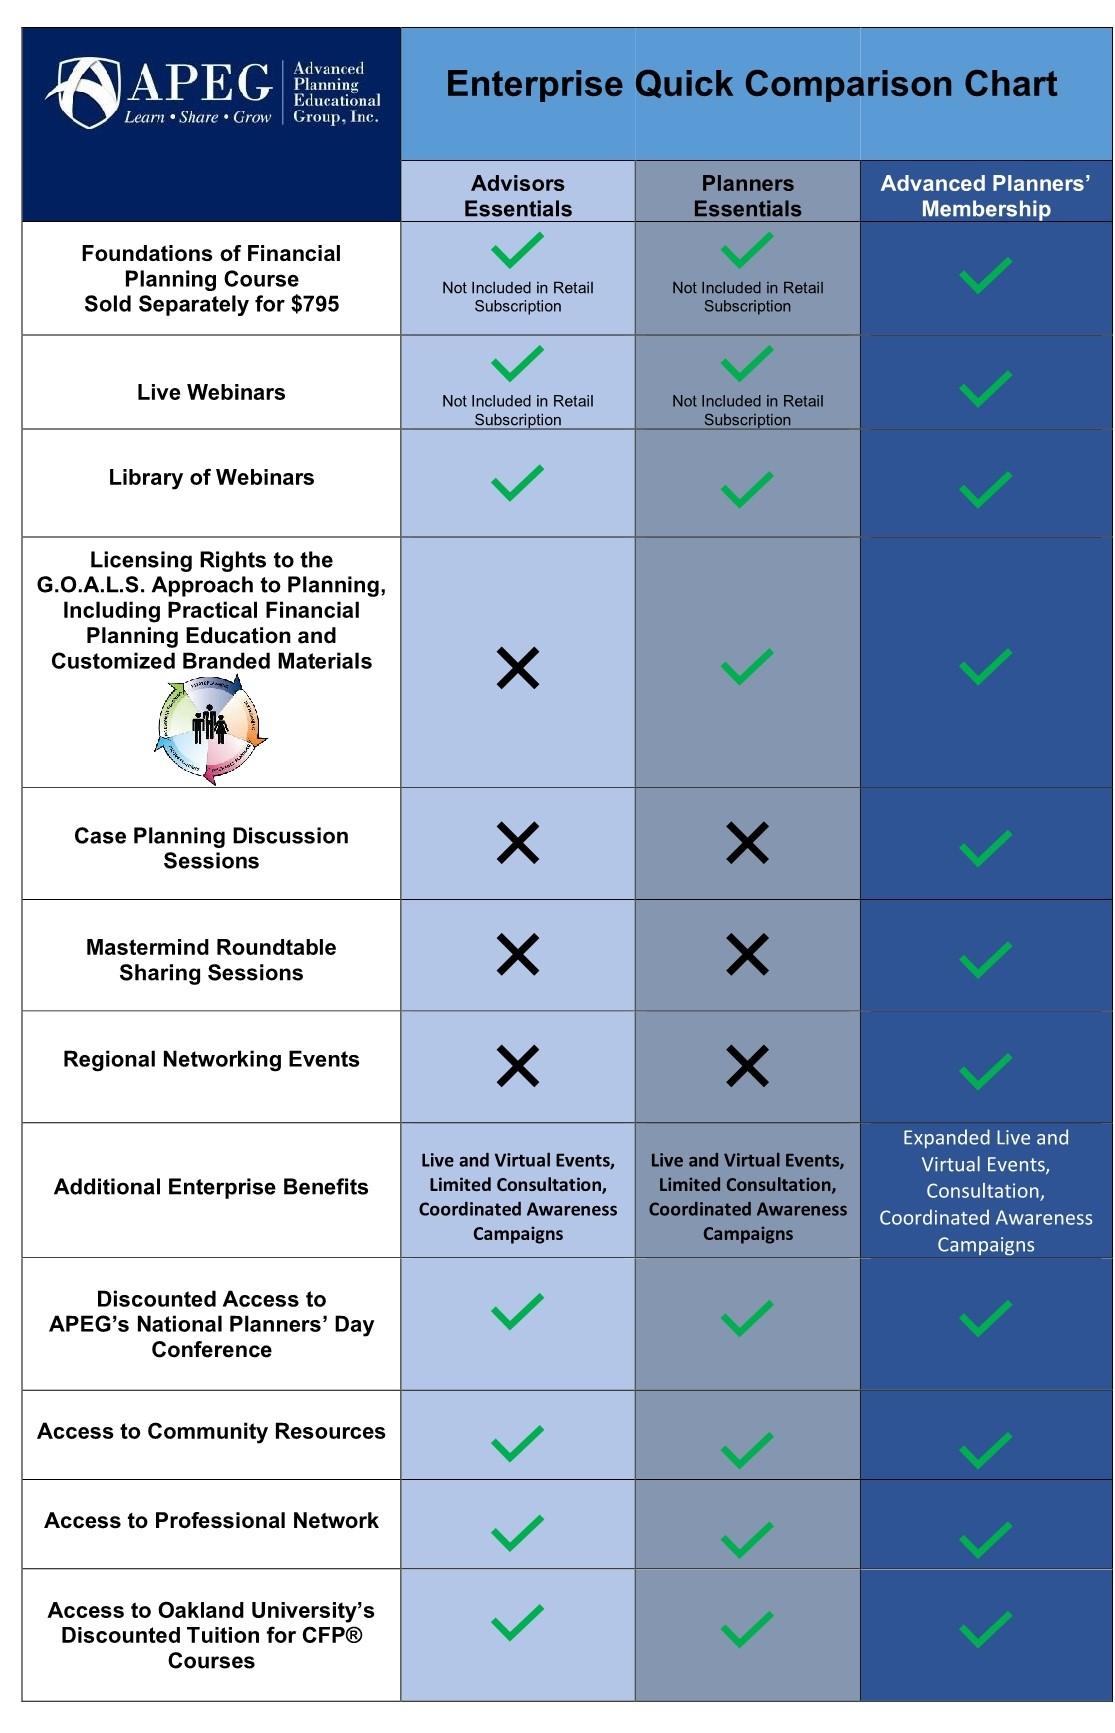 Enterprise Comparison Chart